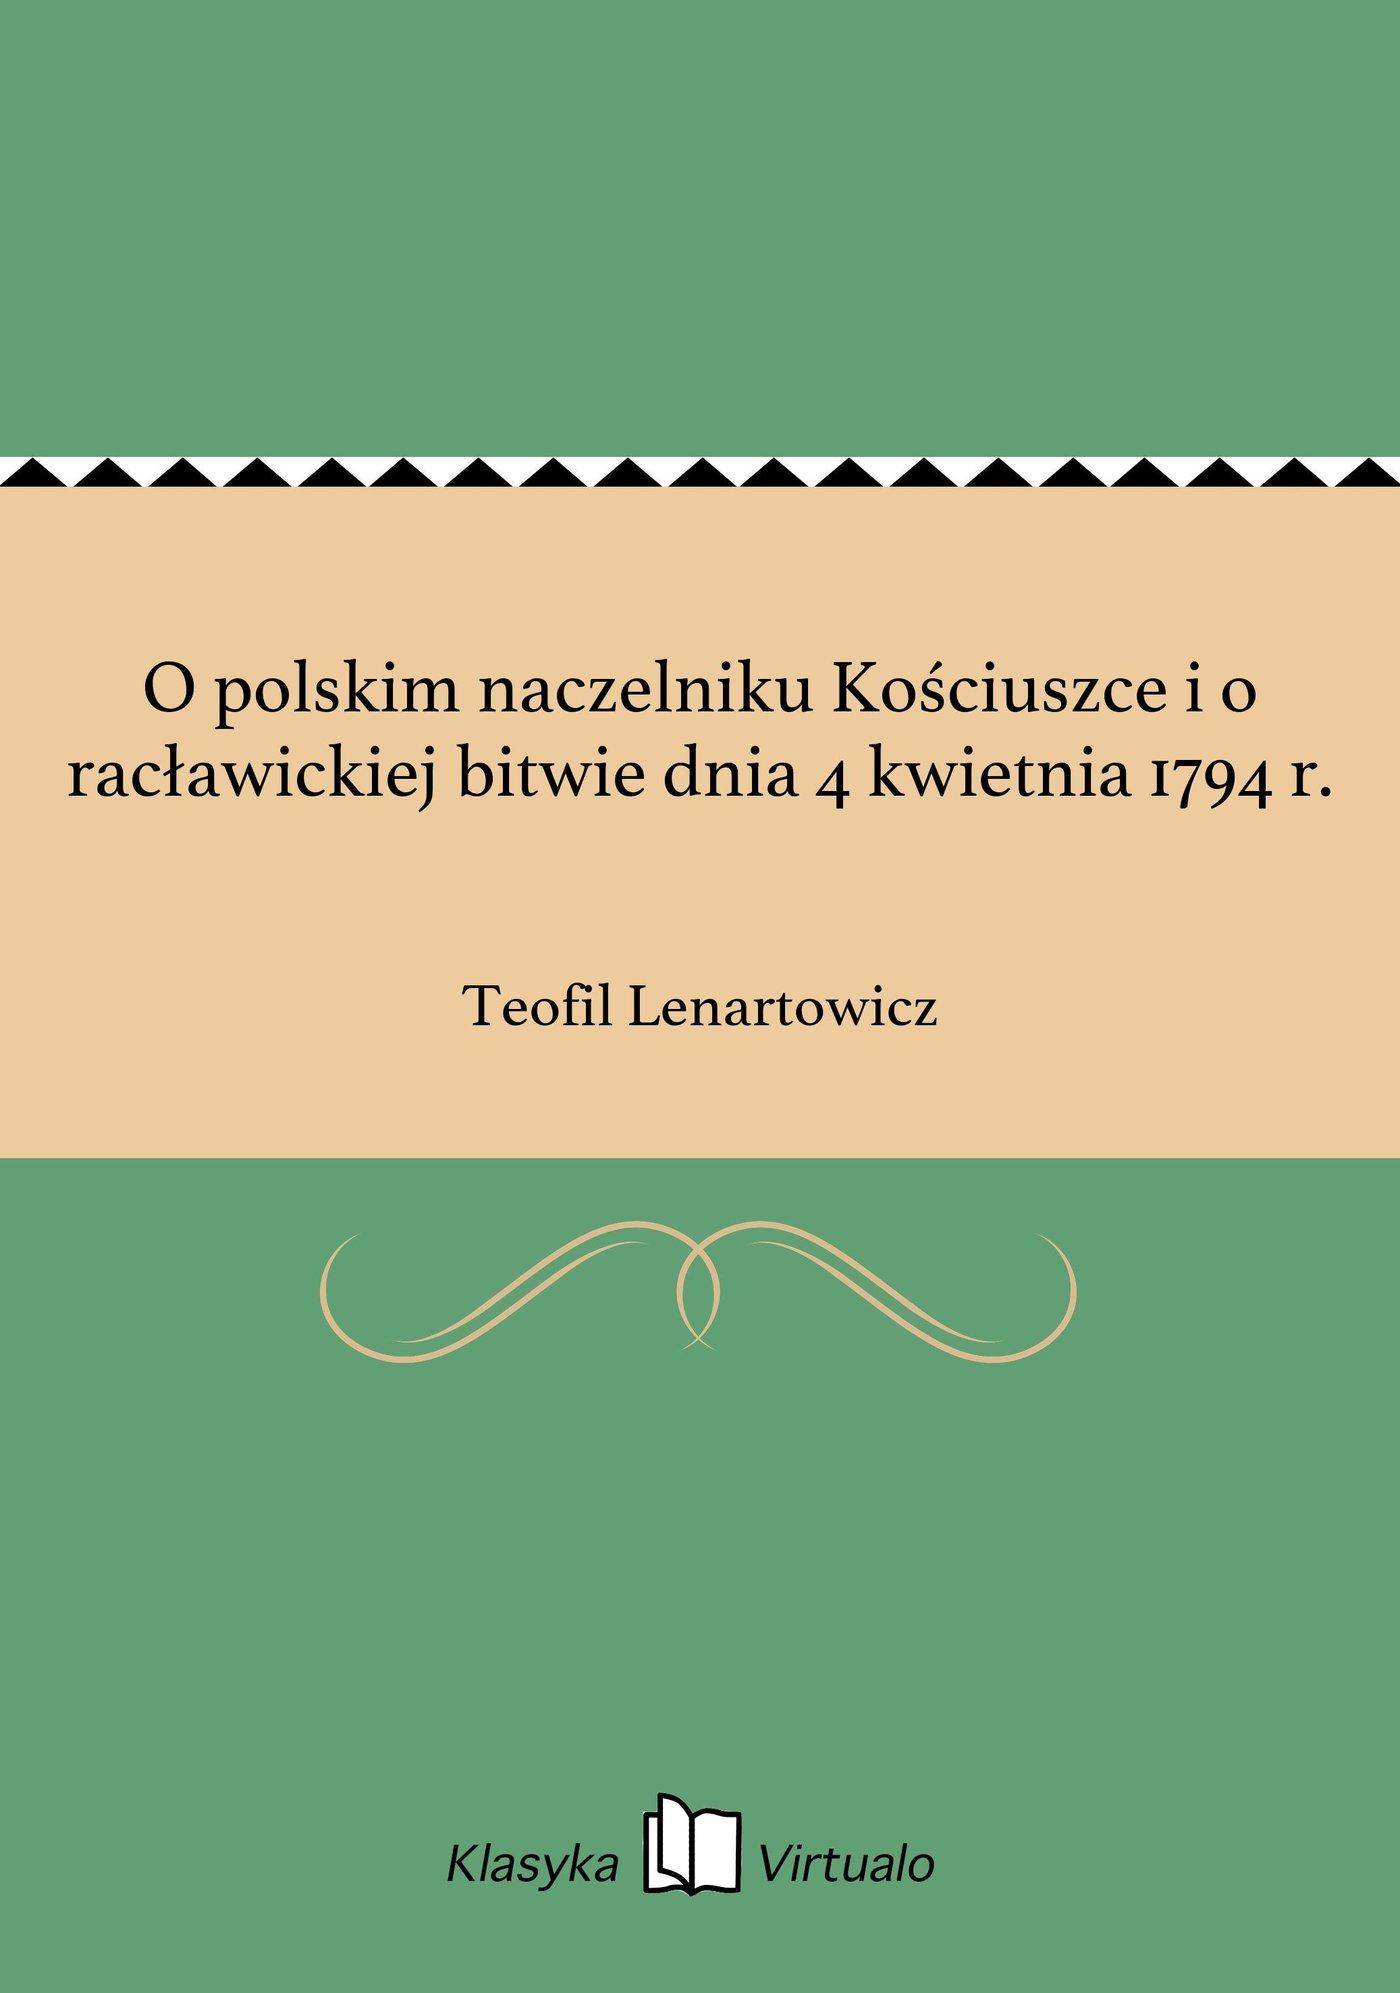 O polskim naczelniku Kościuszce i o racławickiej bitwie dnia 4 kwietnia 1794 r. - Ebook (Książka EPUB) do pobrania w formacie EPUB